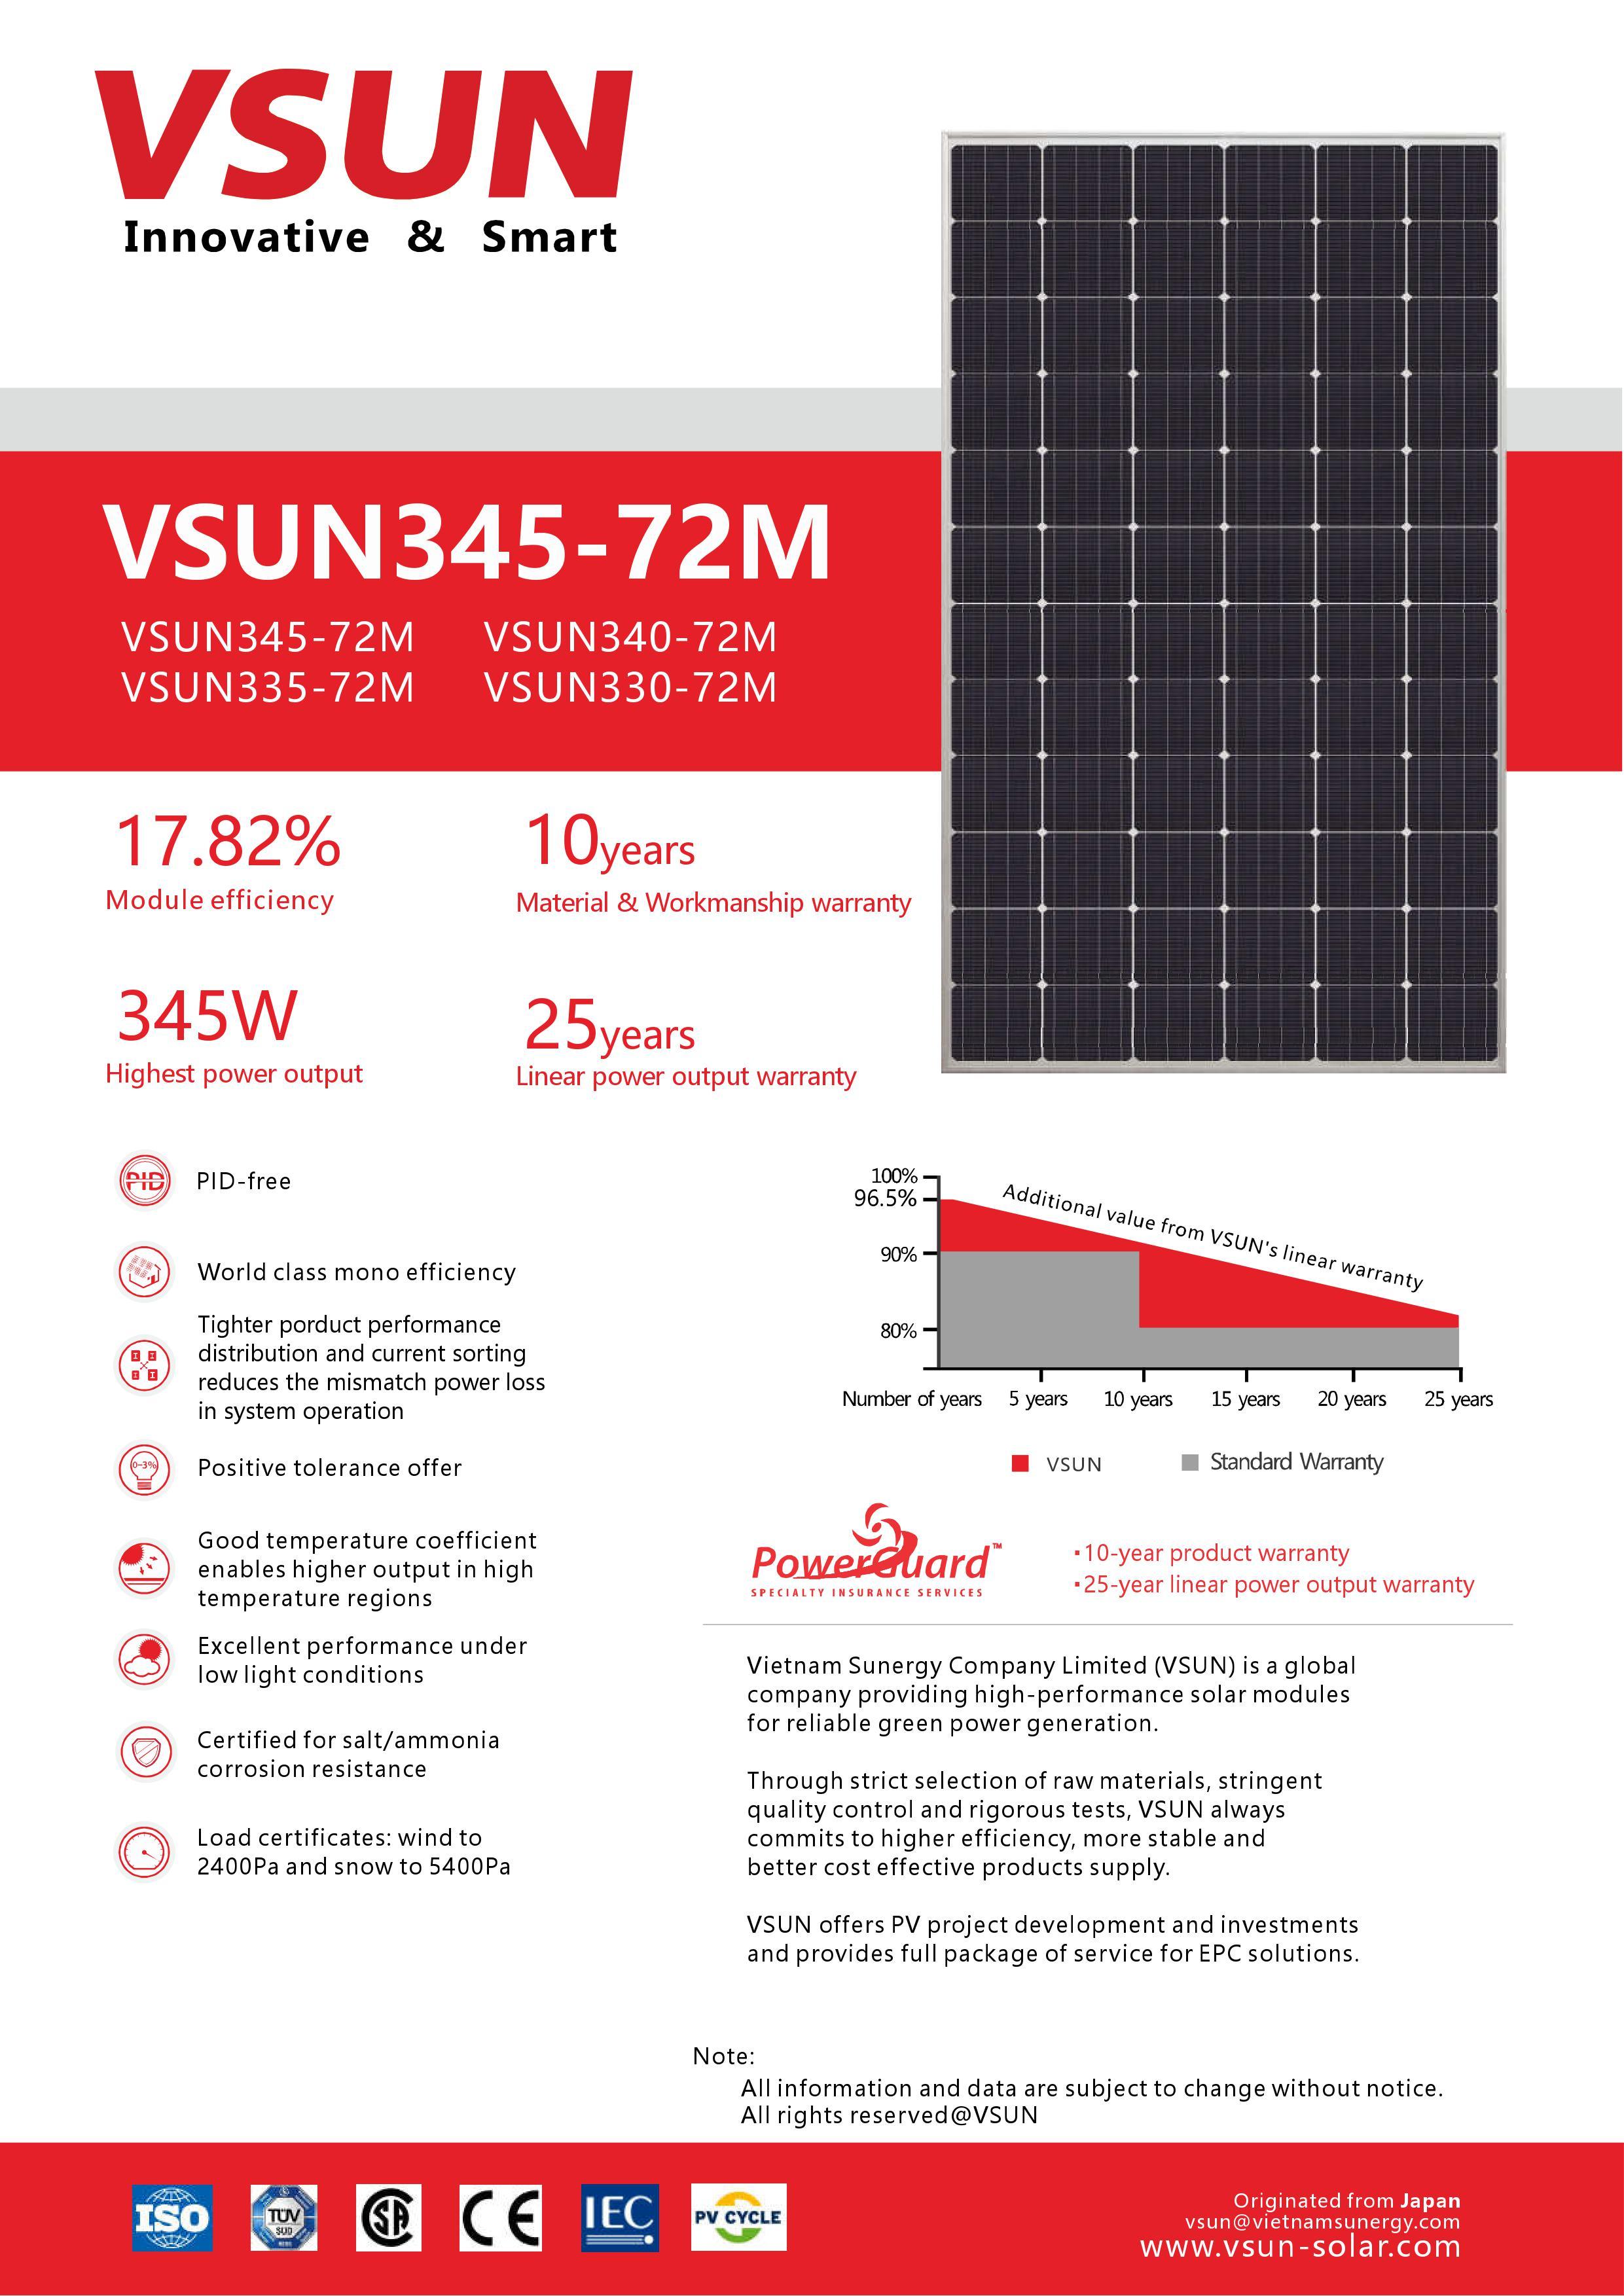 VSUN 345-72M